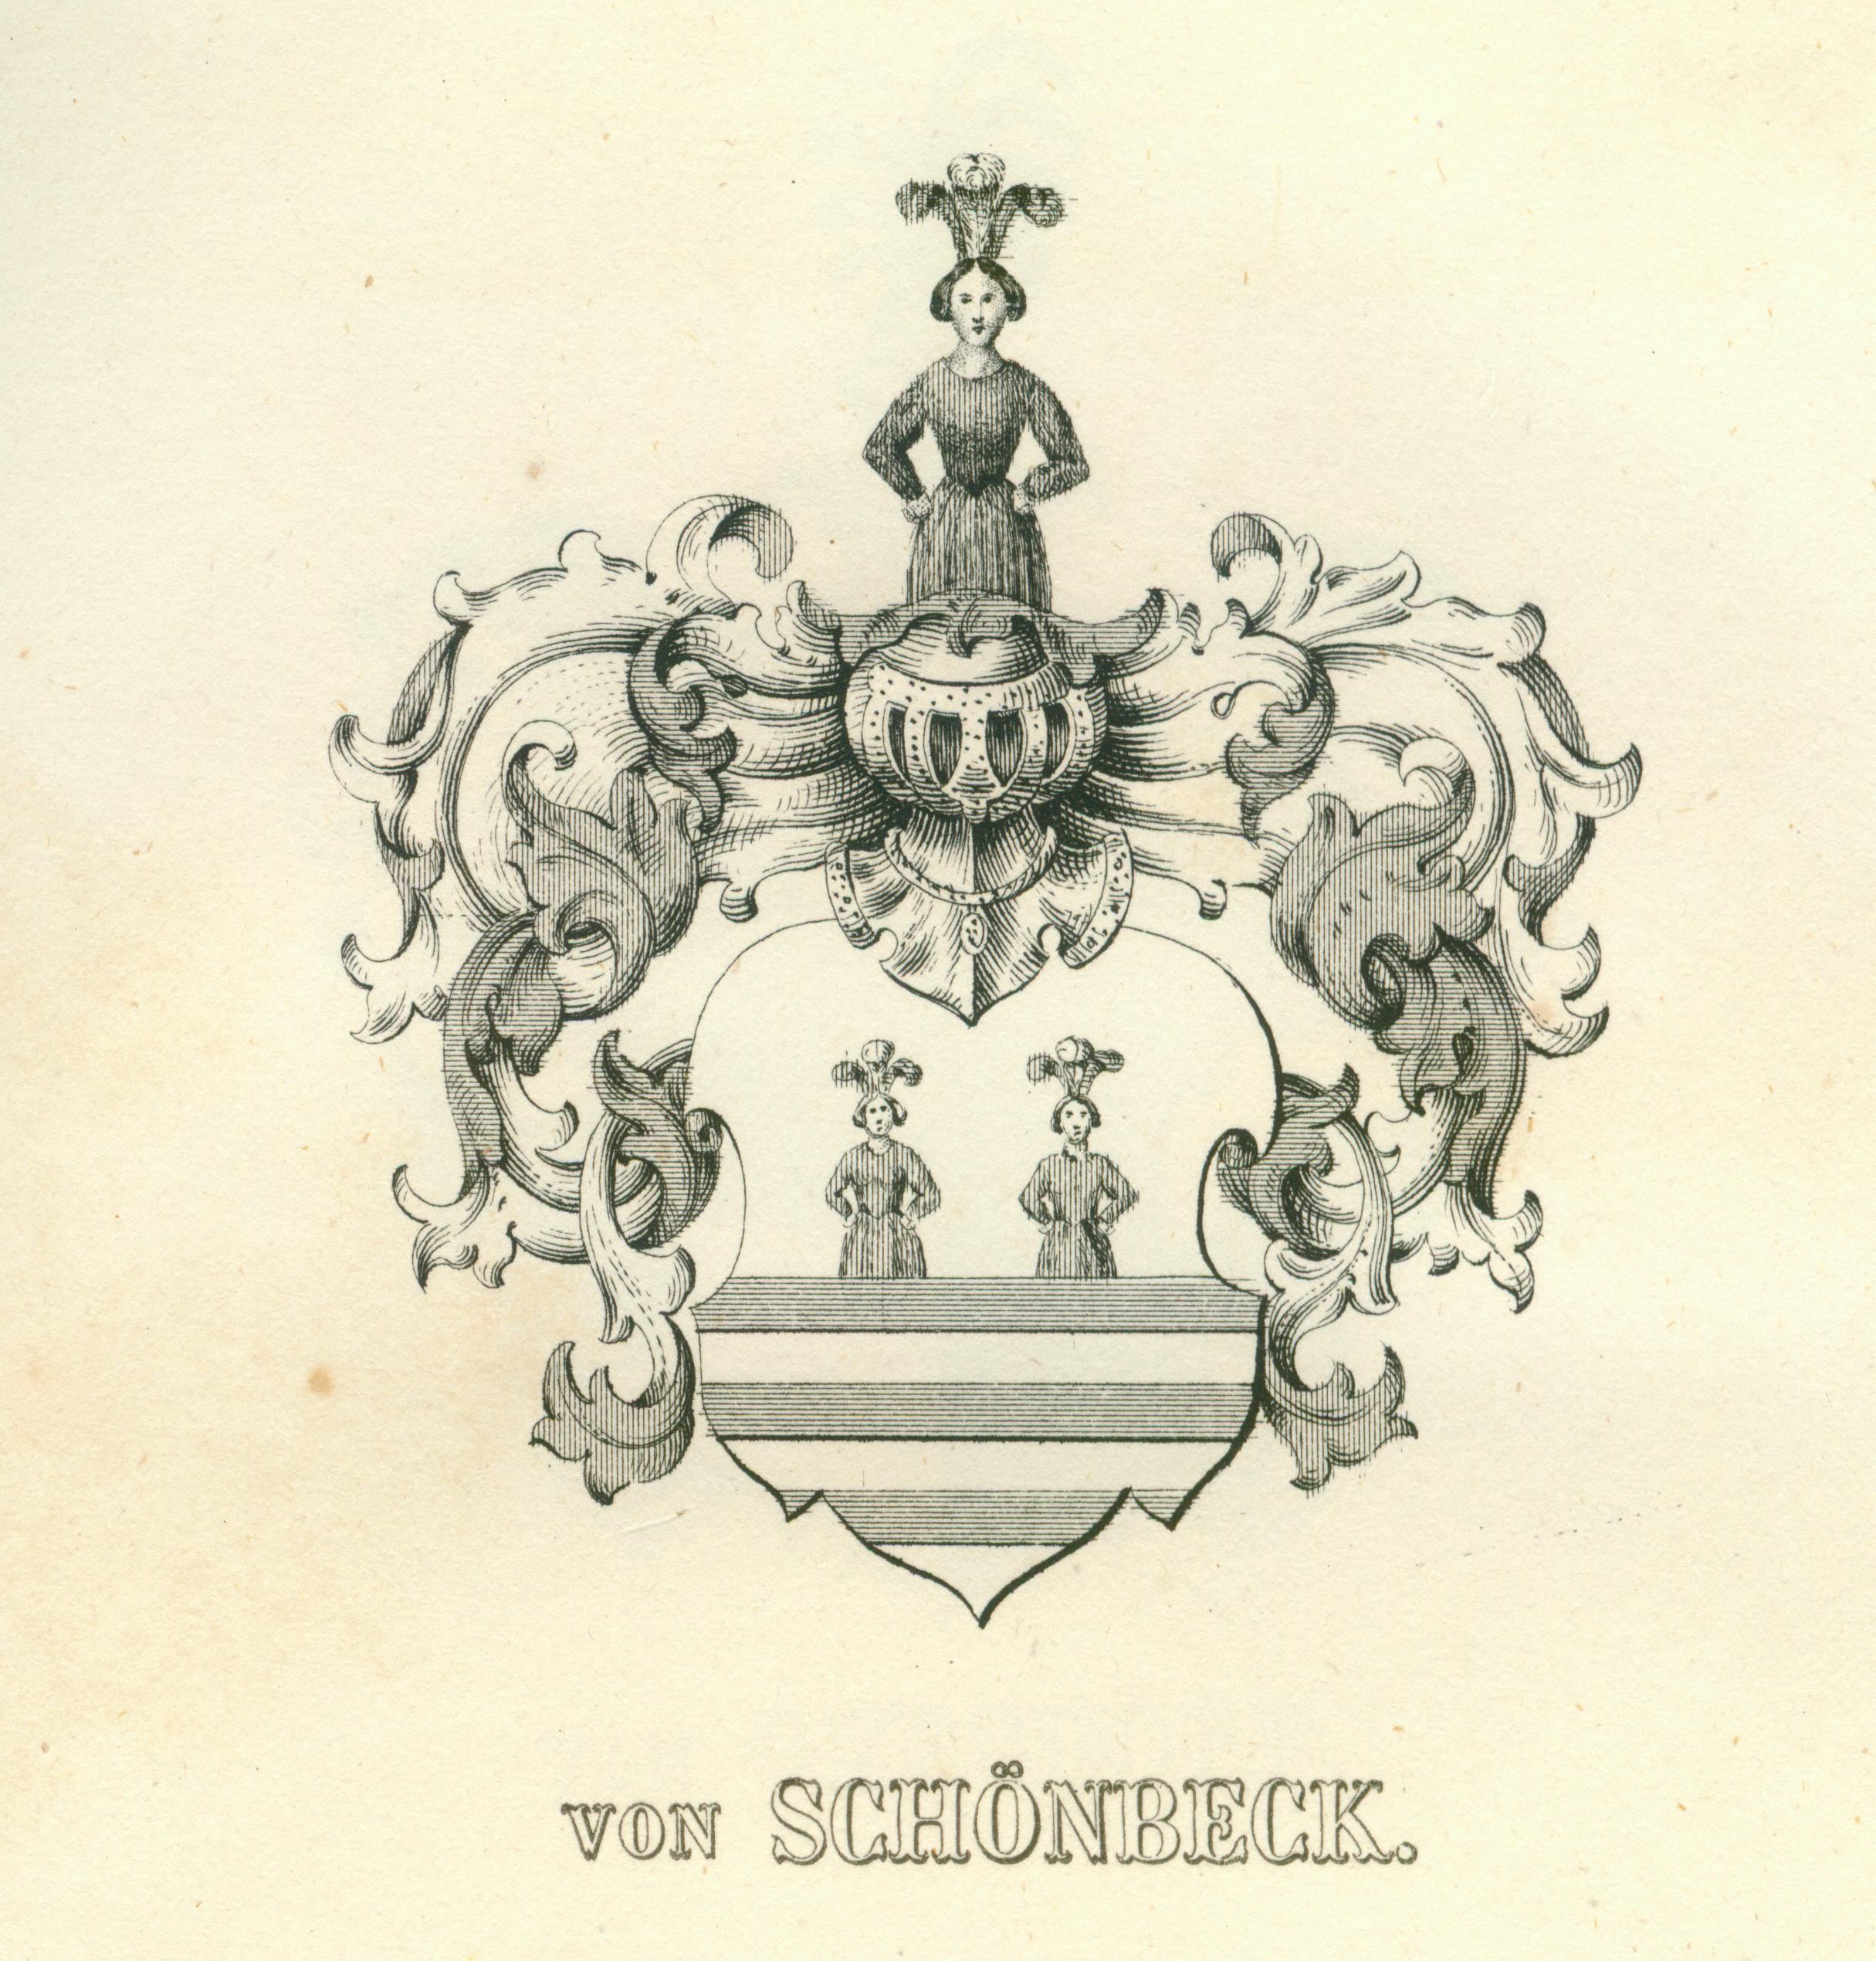 Schoenbeck